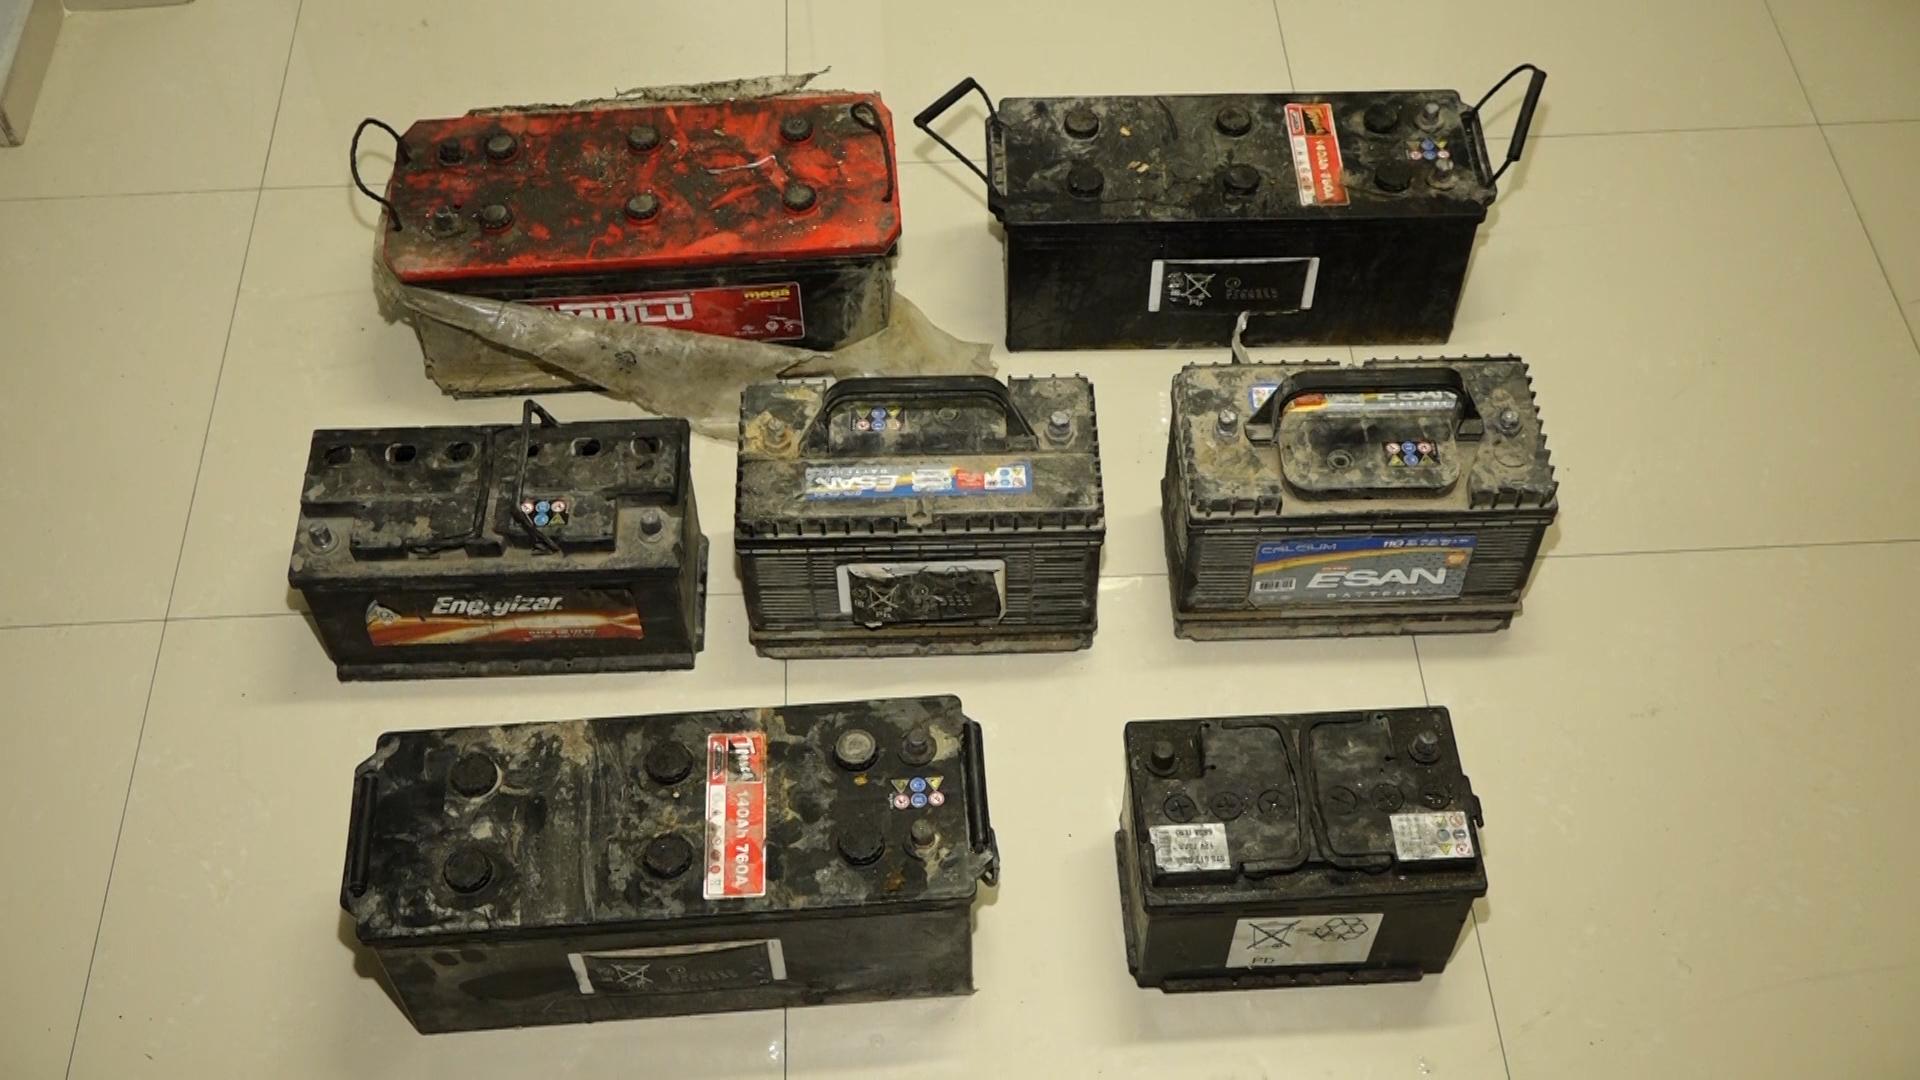 ავტომანქანის გაქურდვის ფაქტზე თბილისში 2 პირი დააკავეს